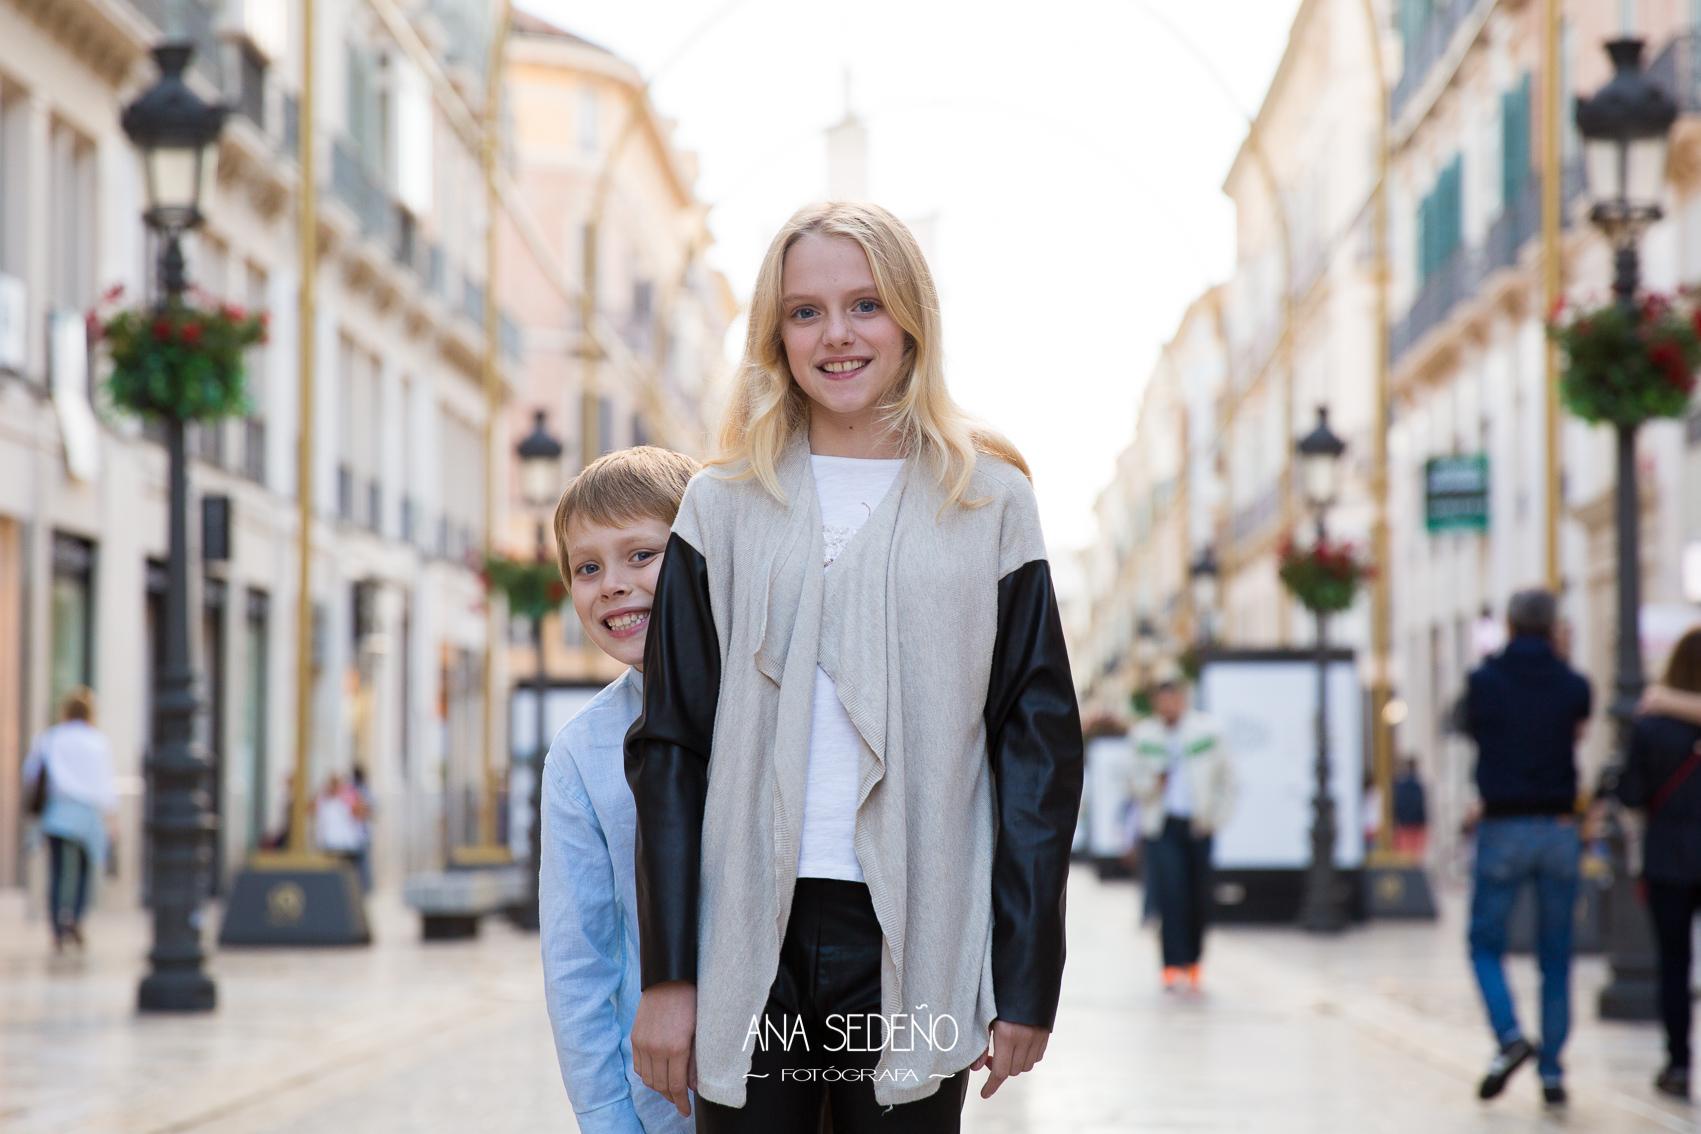 ana-seden%cc%83o-fotografa-calendariofq-0023